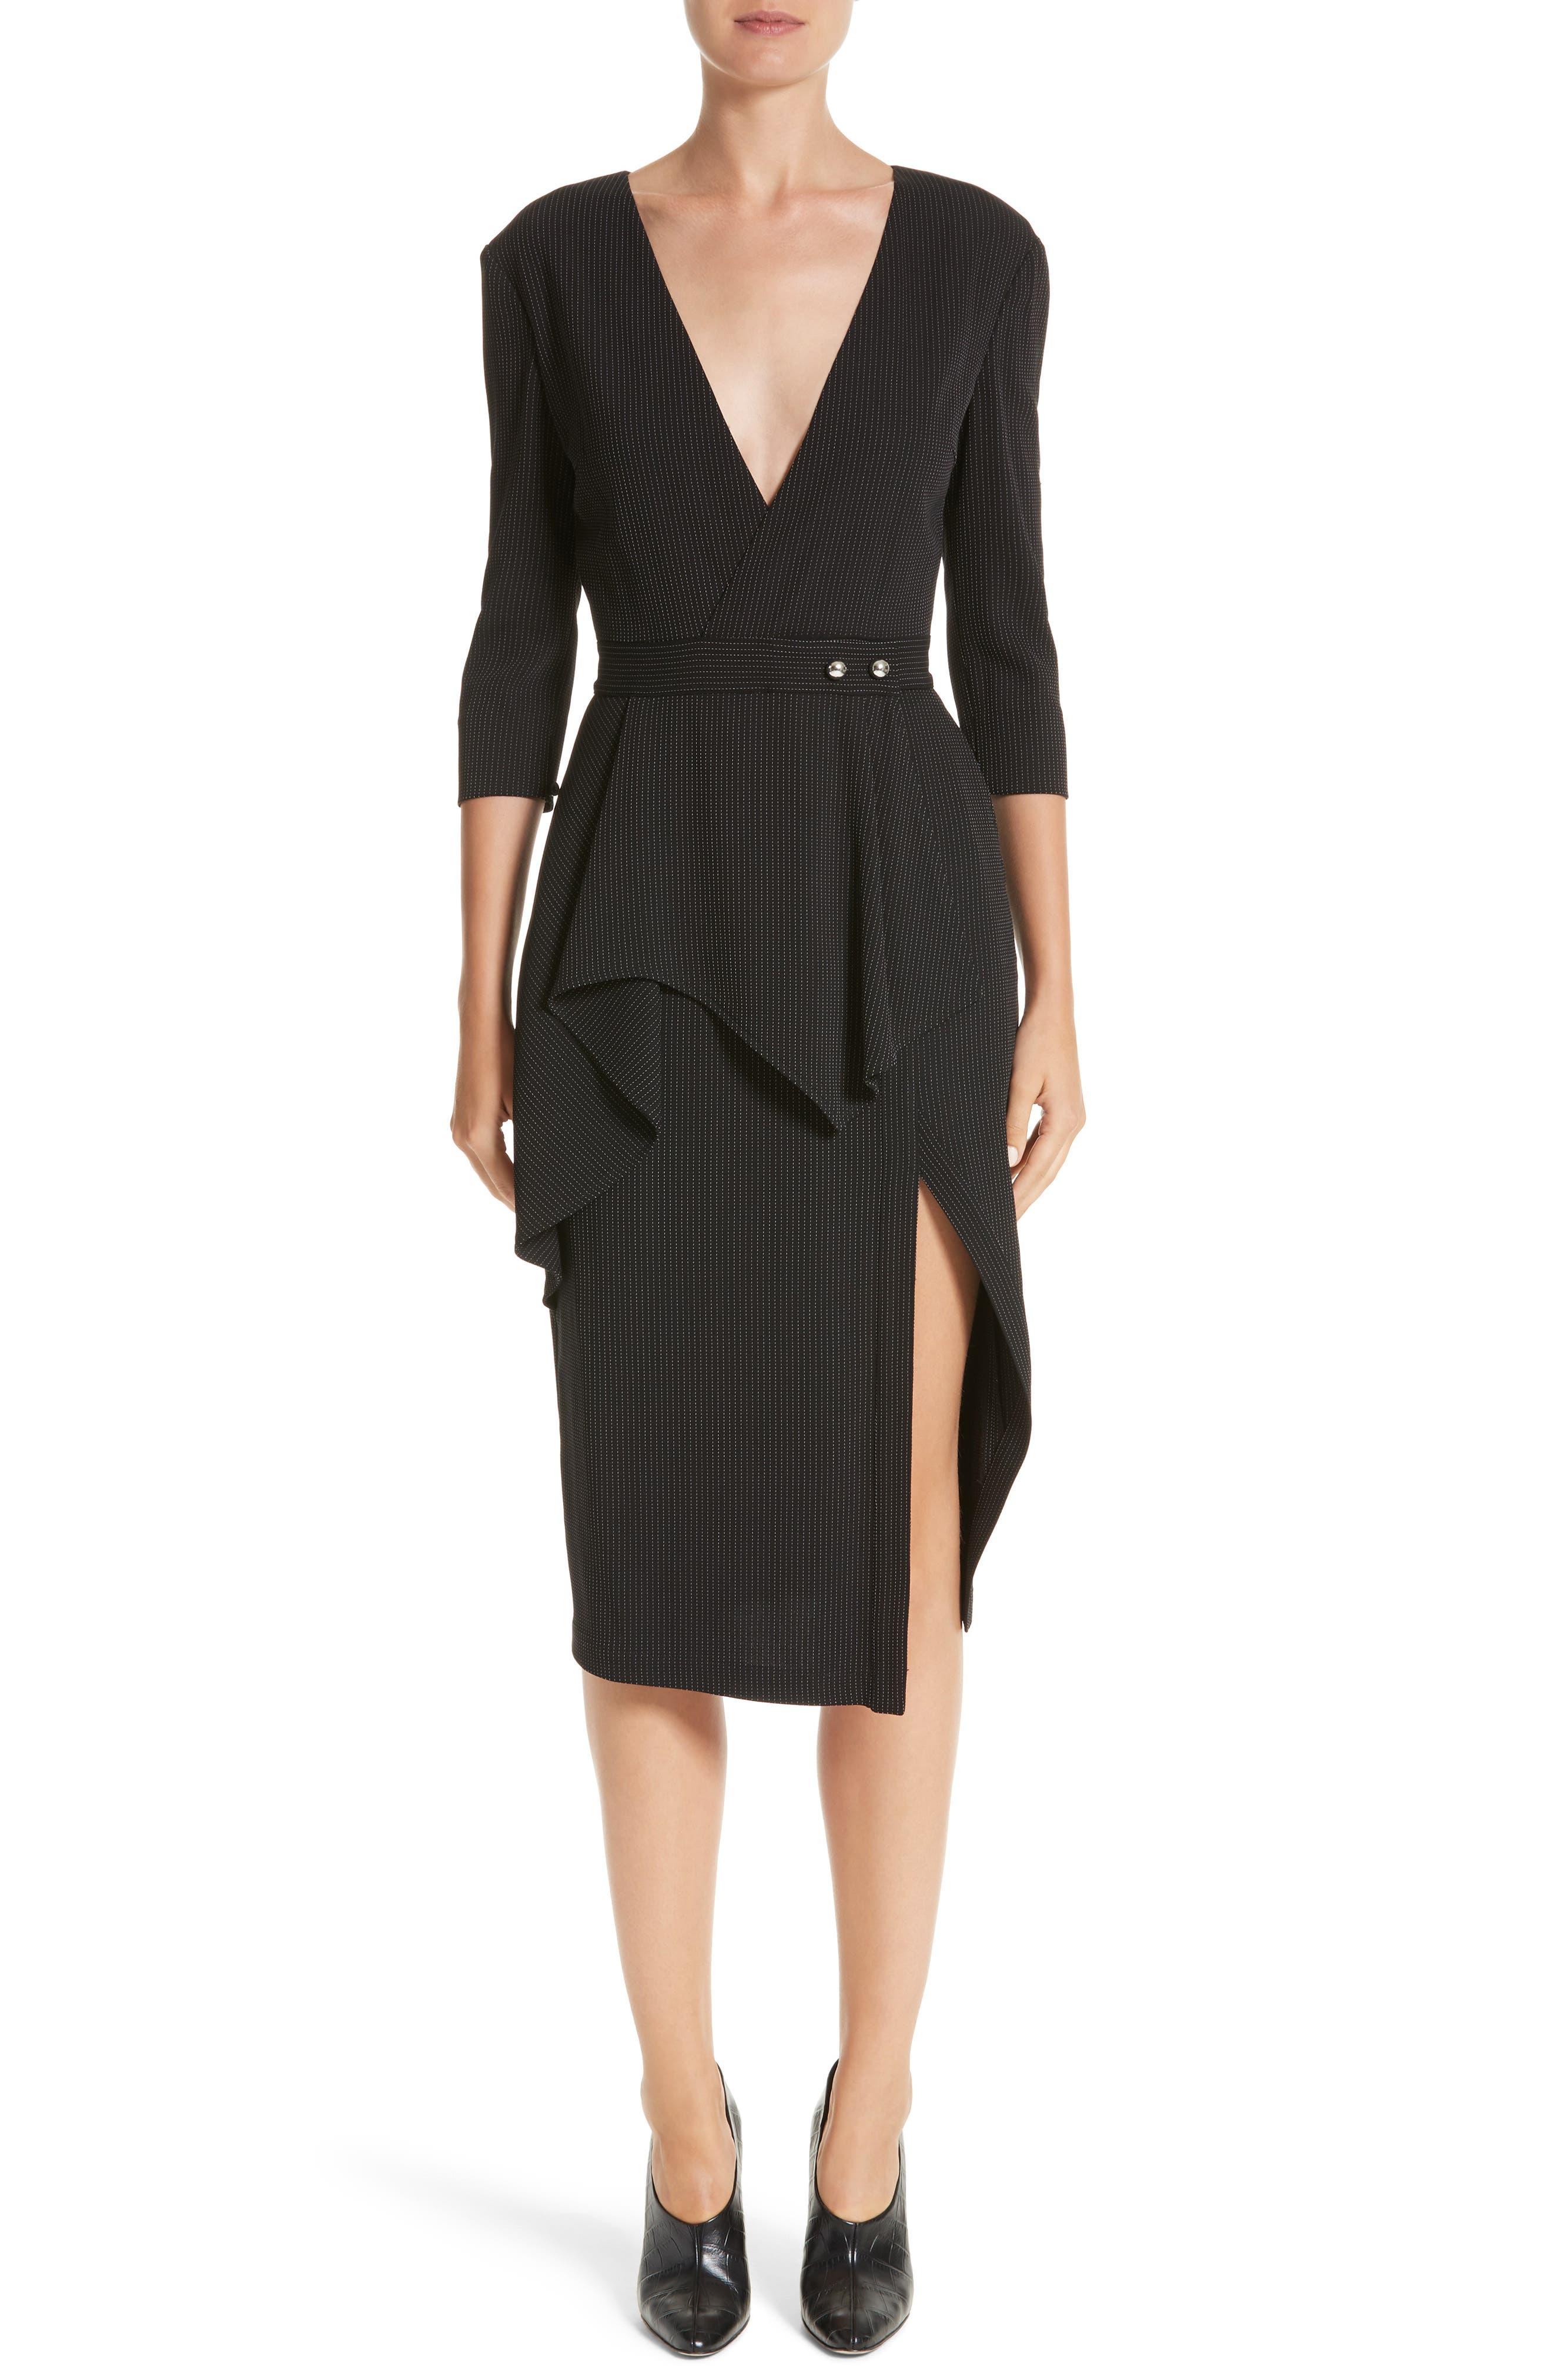 Alternate Image 1 Selected - Jason Wu Pinstripe Jersey Sheath Dress